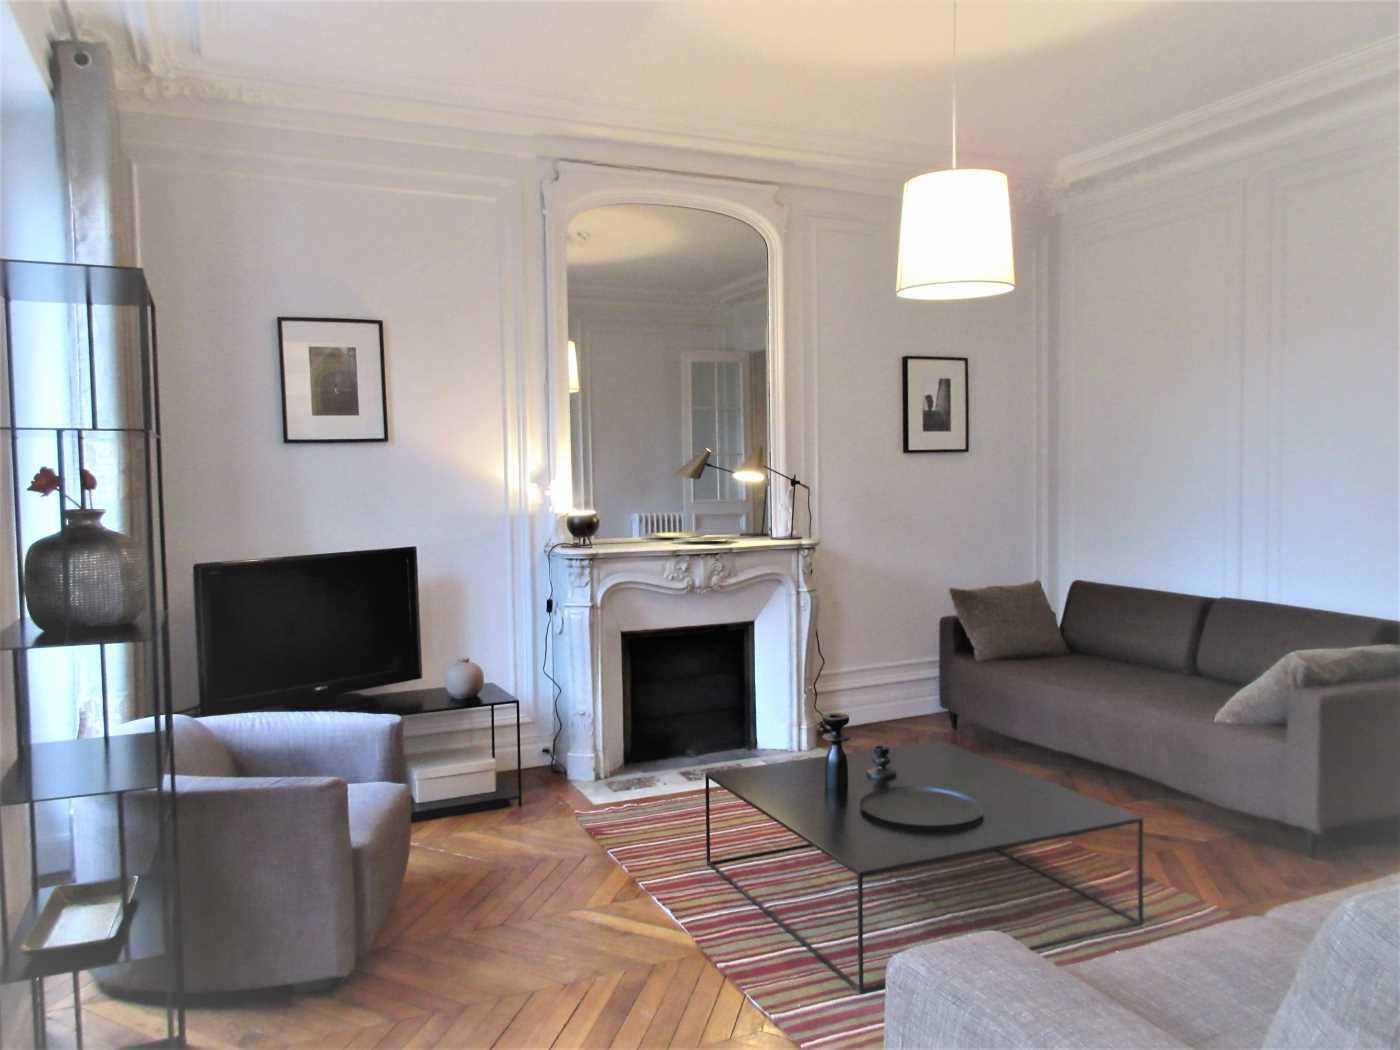 Location Appartement Meuble Paris 6 Cattalan Johnson Immobilier